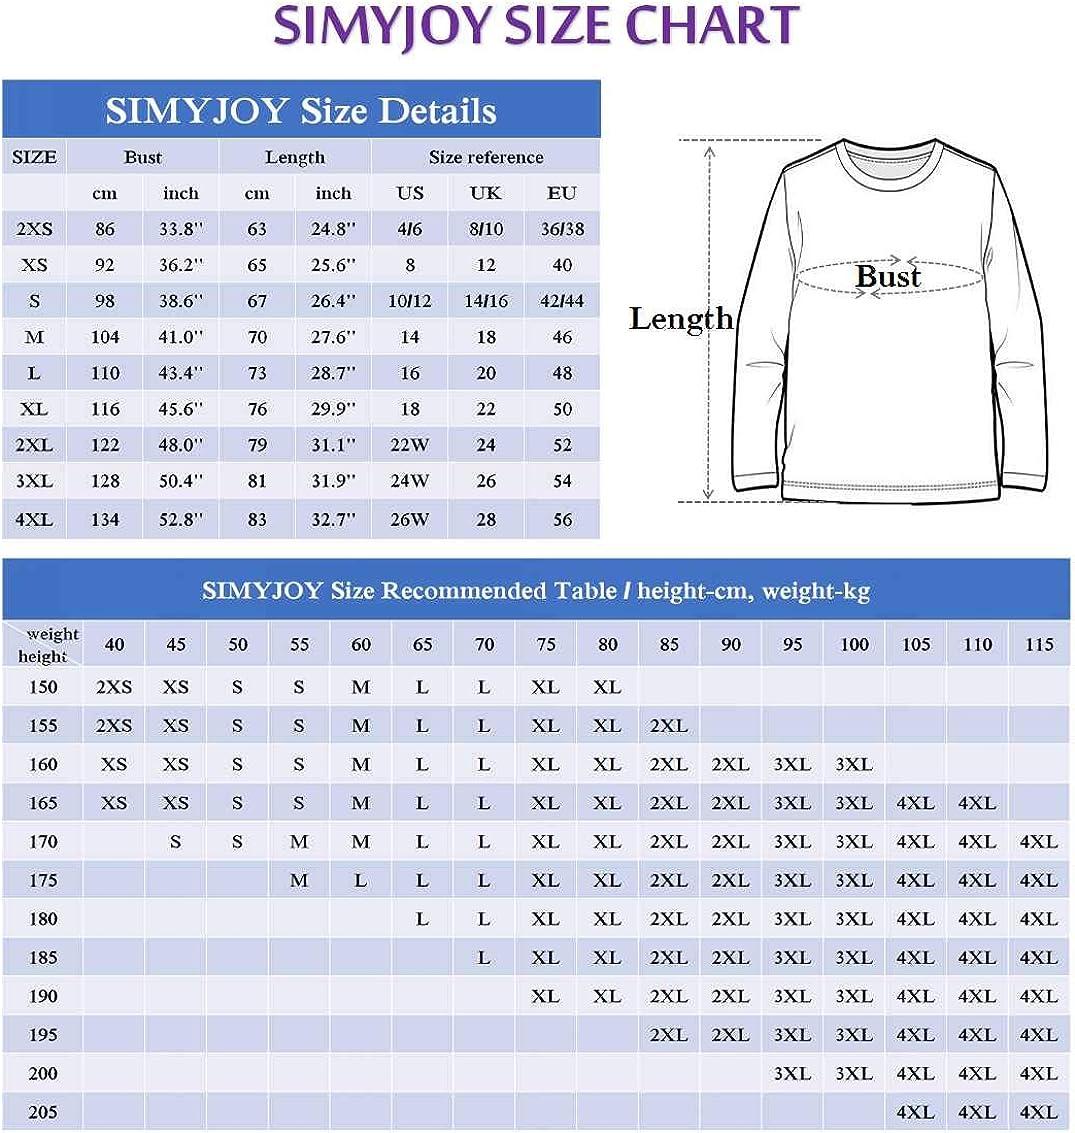 SIMYJOY Unisexe BTS Fans Veste de Baseball Bangtan Gar/çons Membres Logo Varsity Jacket Hip Pop Cool Sweat Kpop Street Sweat L/éger pour A.R.M.Y Homme Femme Adolescent